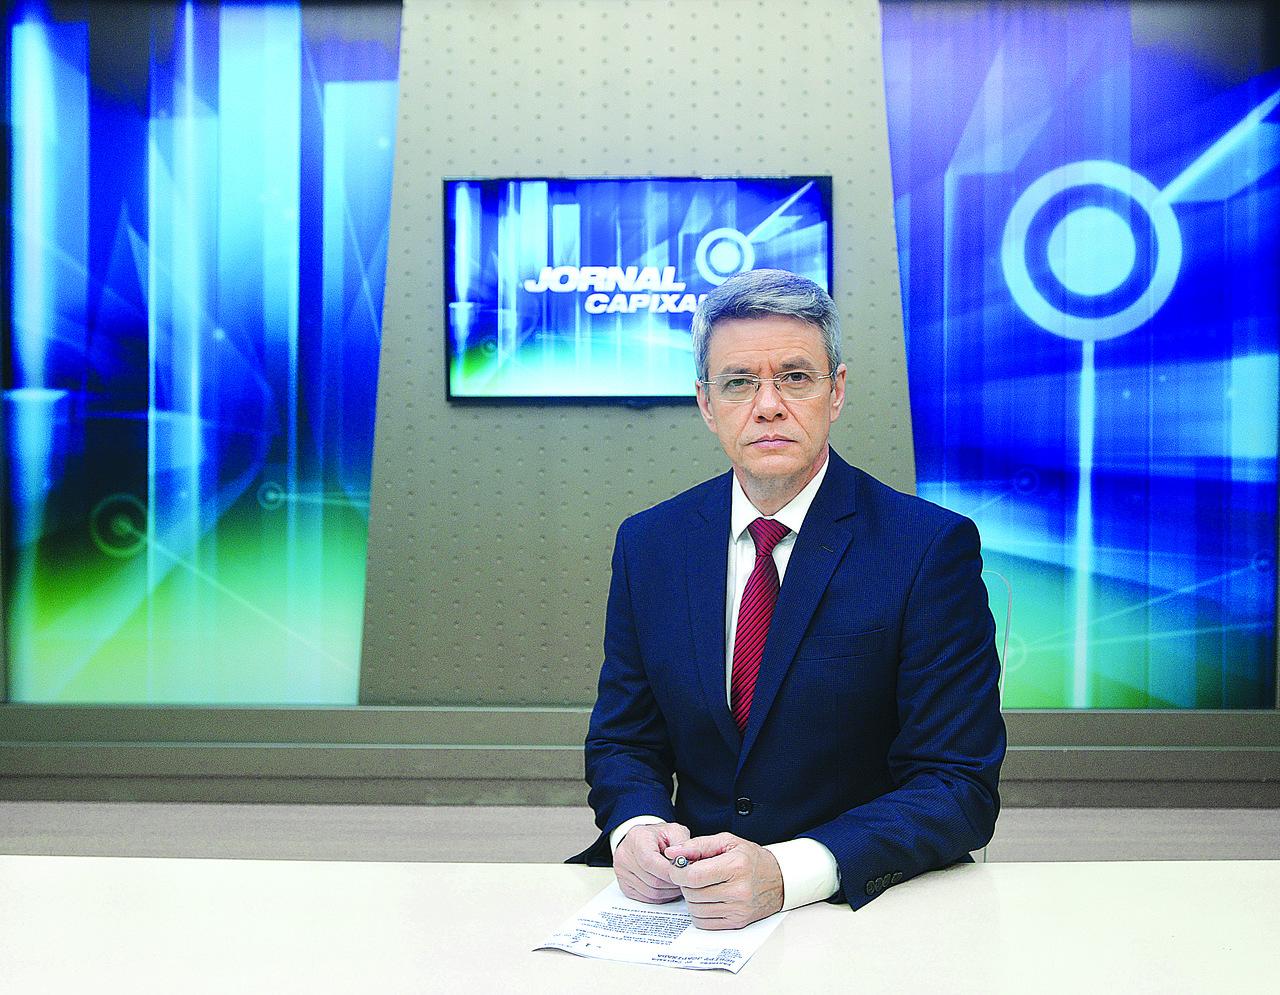 O apresentador Adriano Beraldi está presente na história da TV Capixaba desde o primeiro Jornal Capixaba. Foto: Chico Guedes